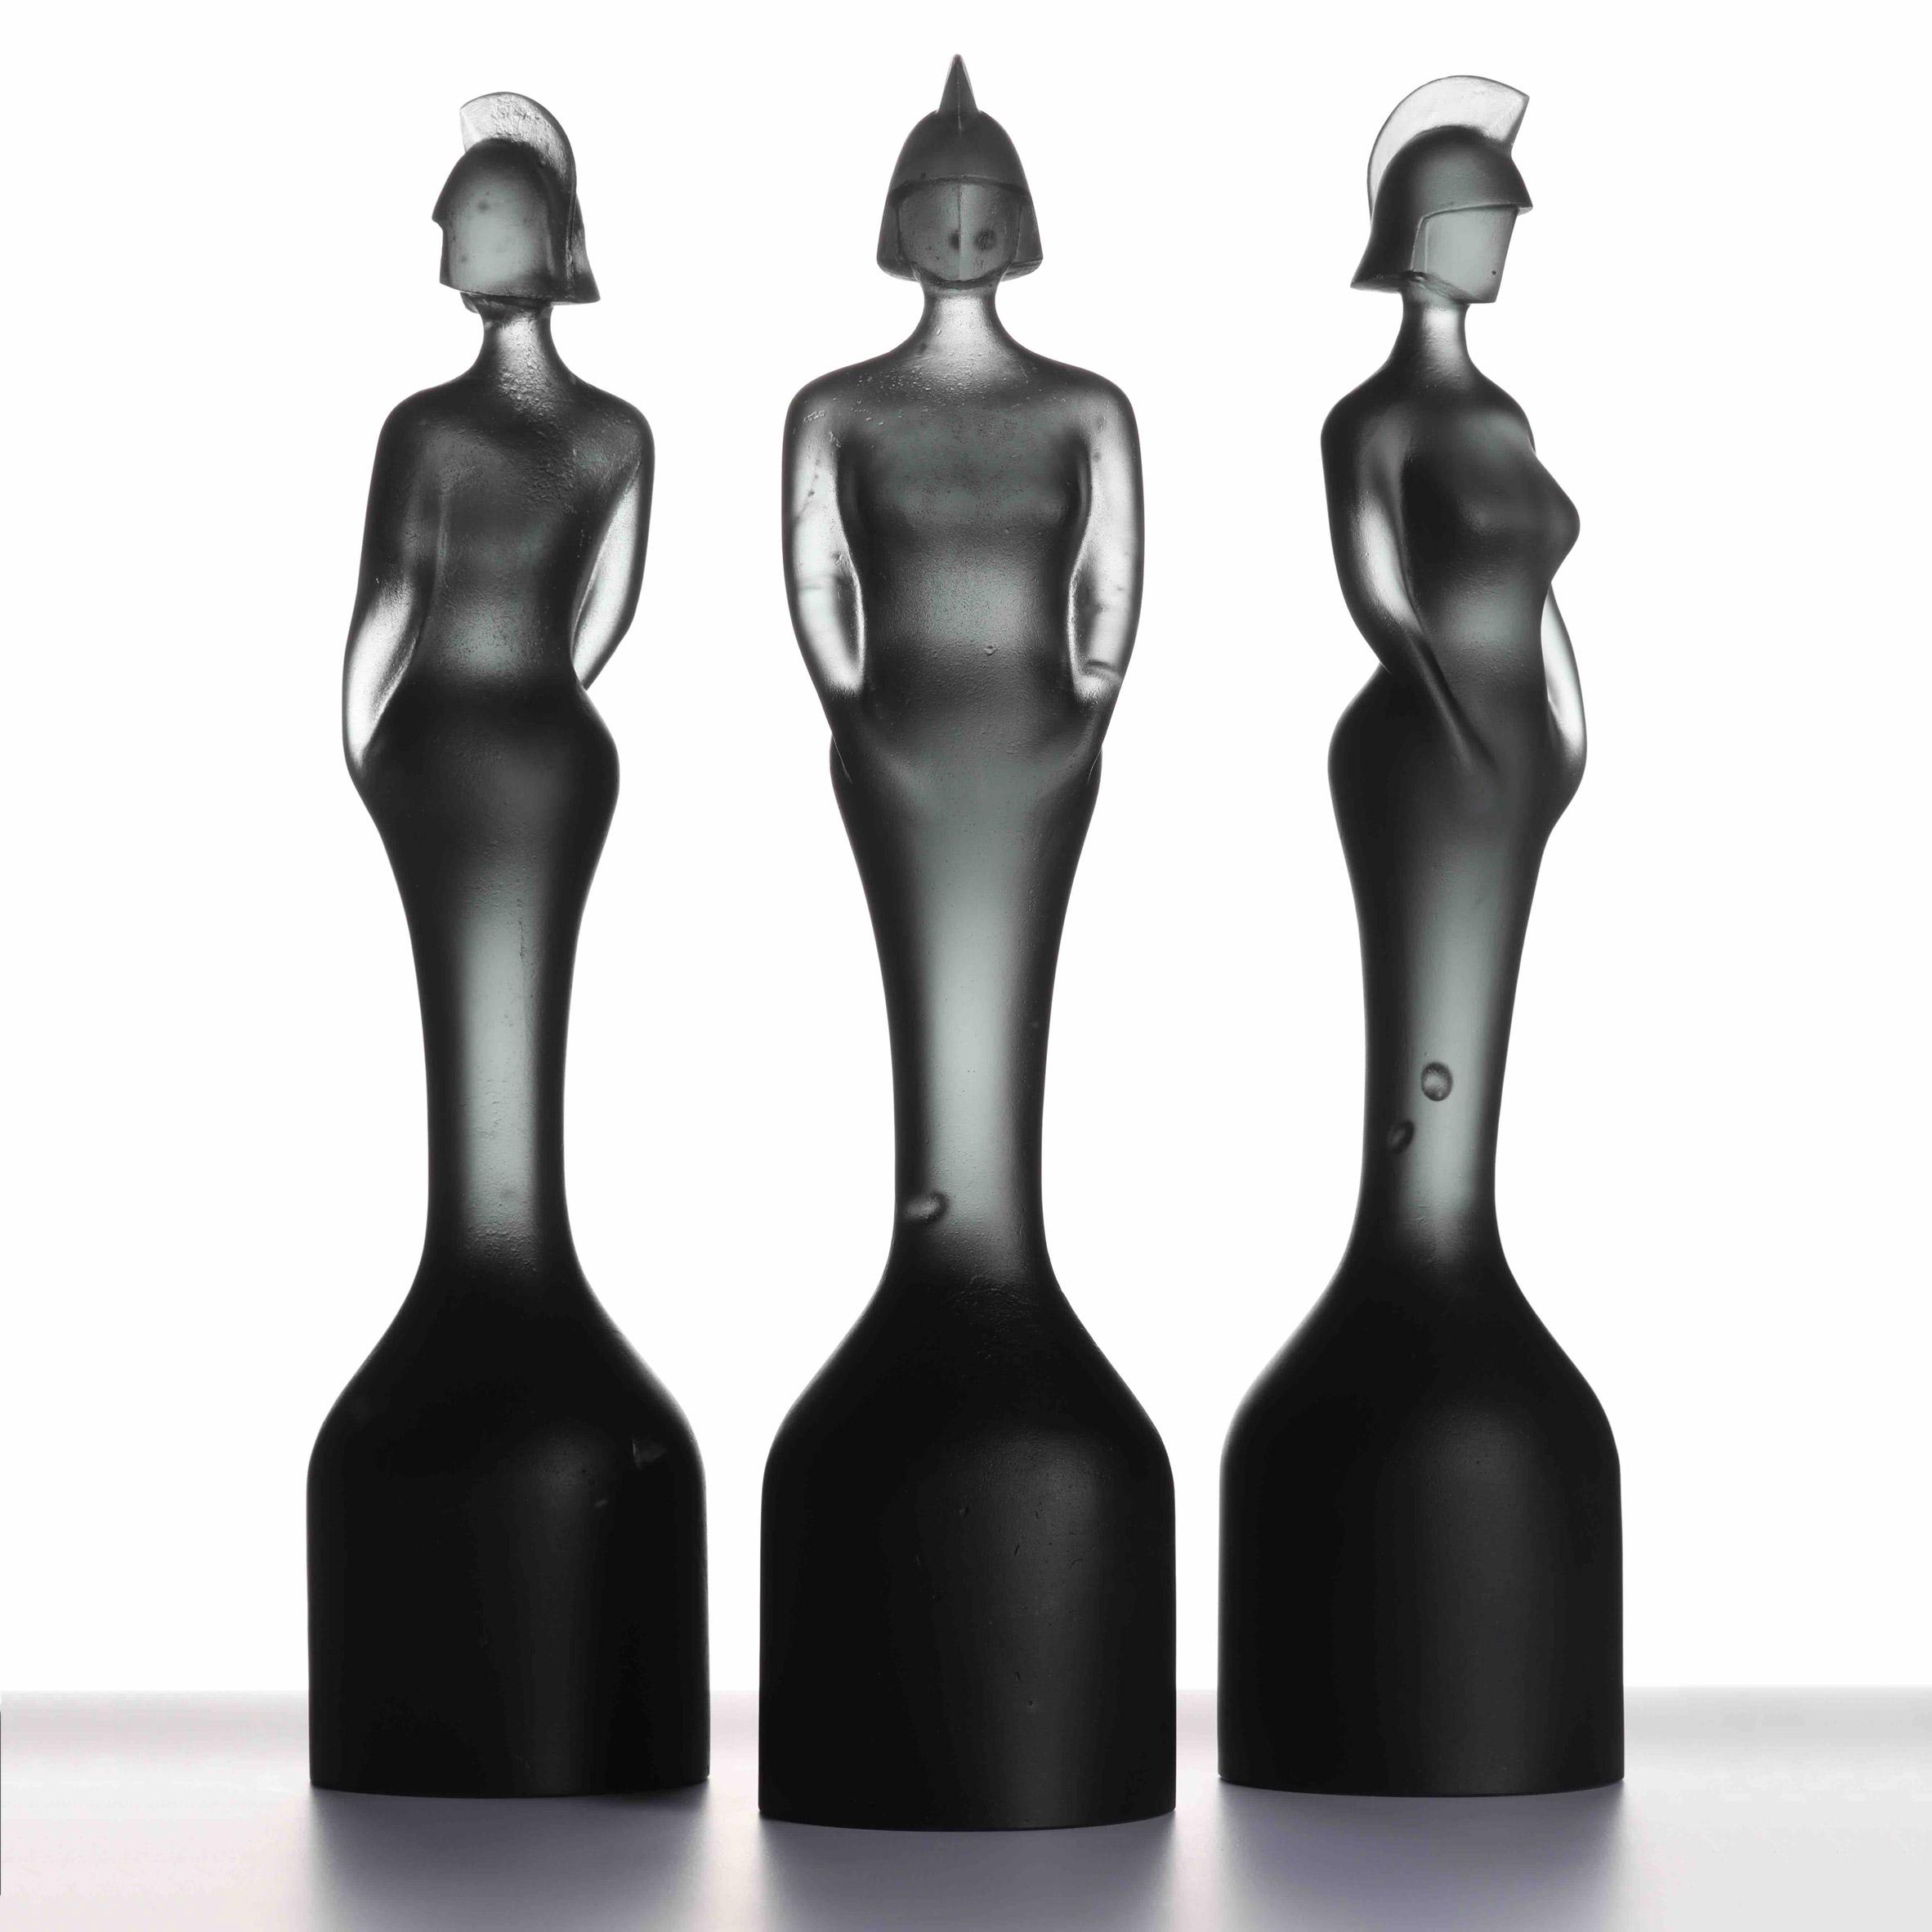 Seven trophy designs: Brit Awards 2019 trophy by David Adjaye